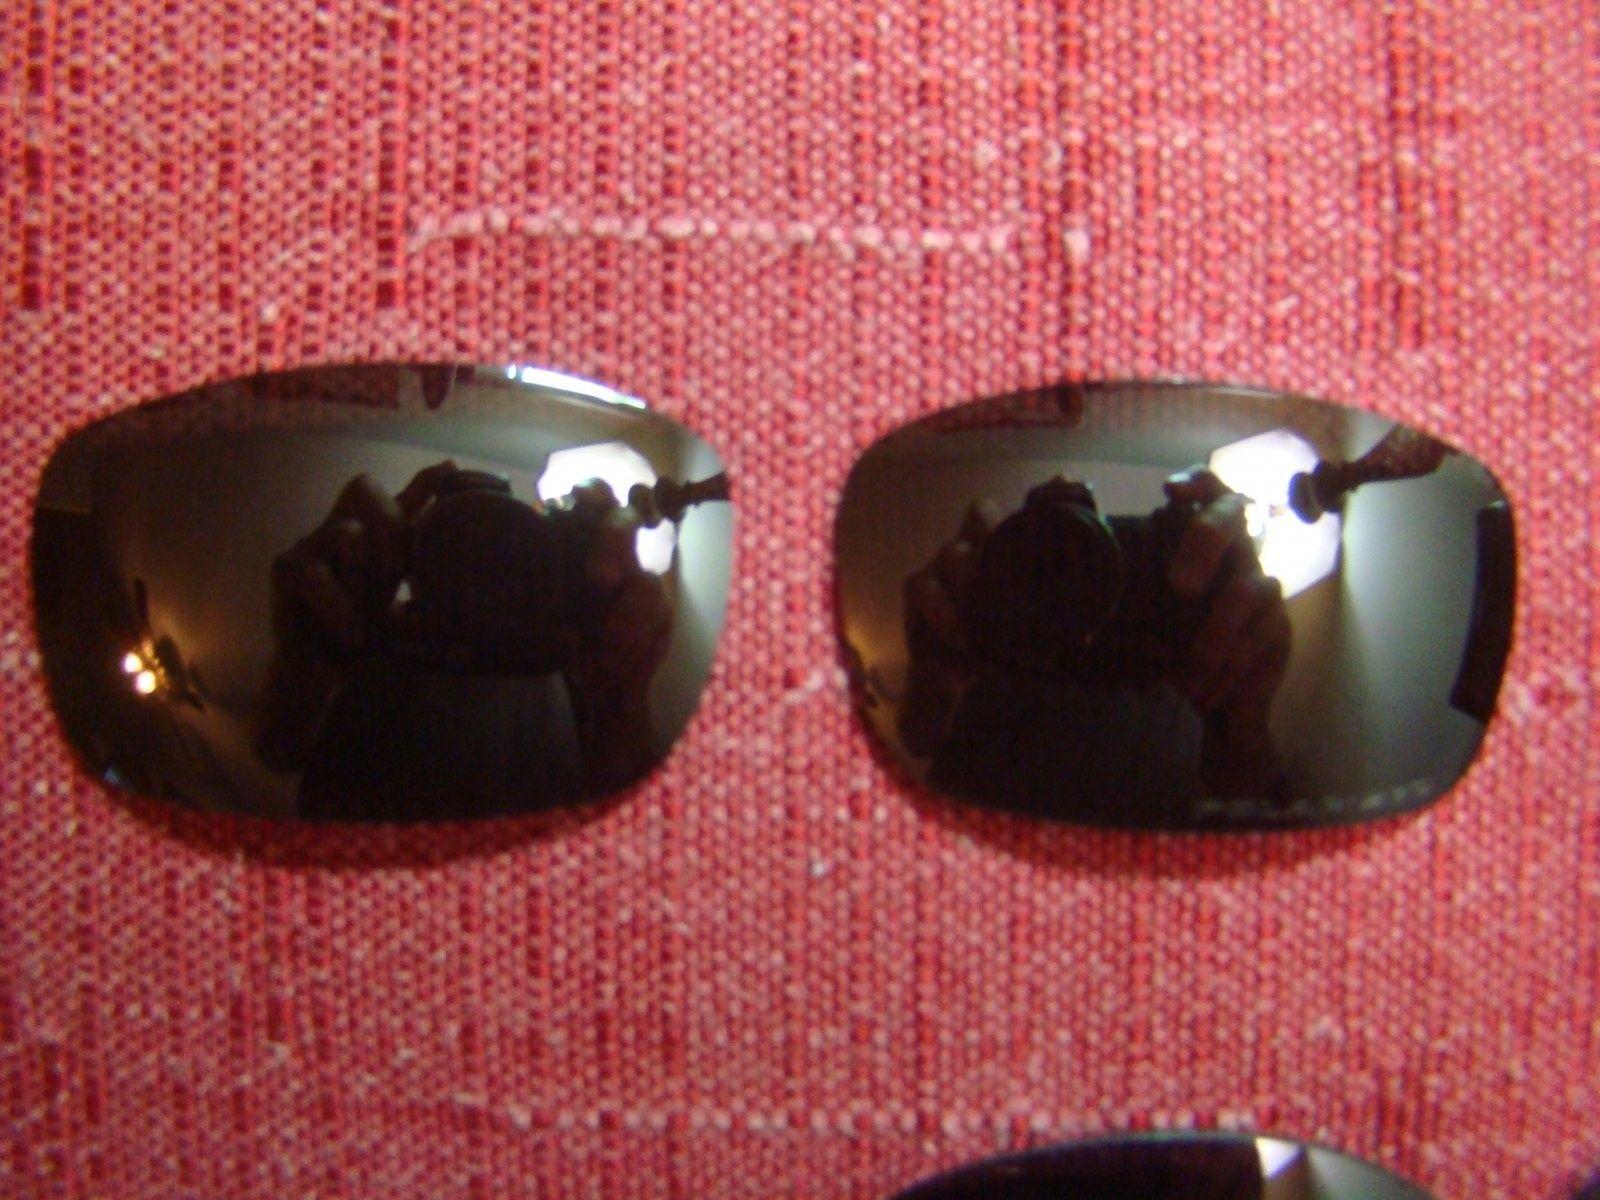 Mars OEM BI Lenses - Lenses3.jpg